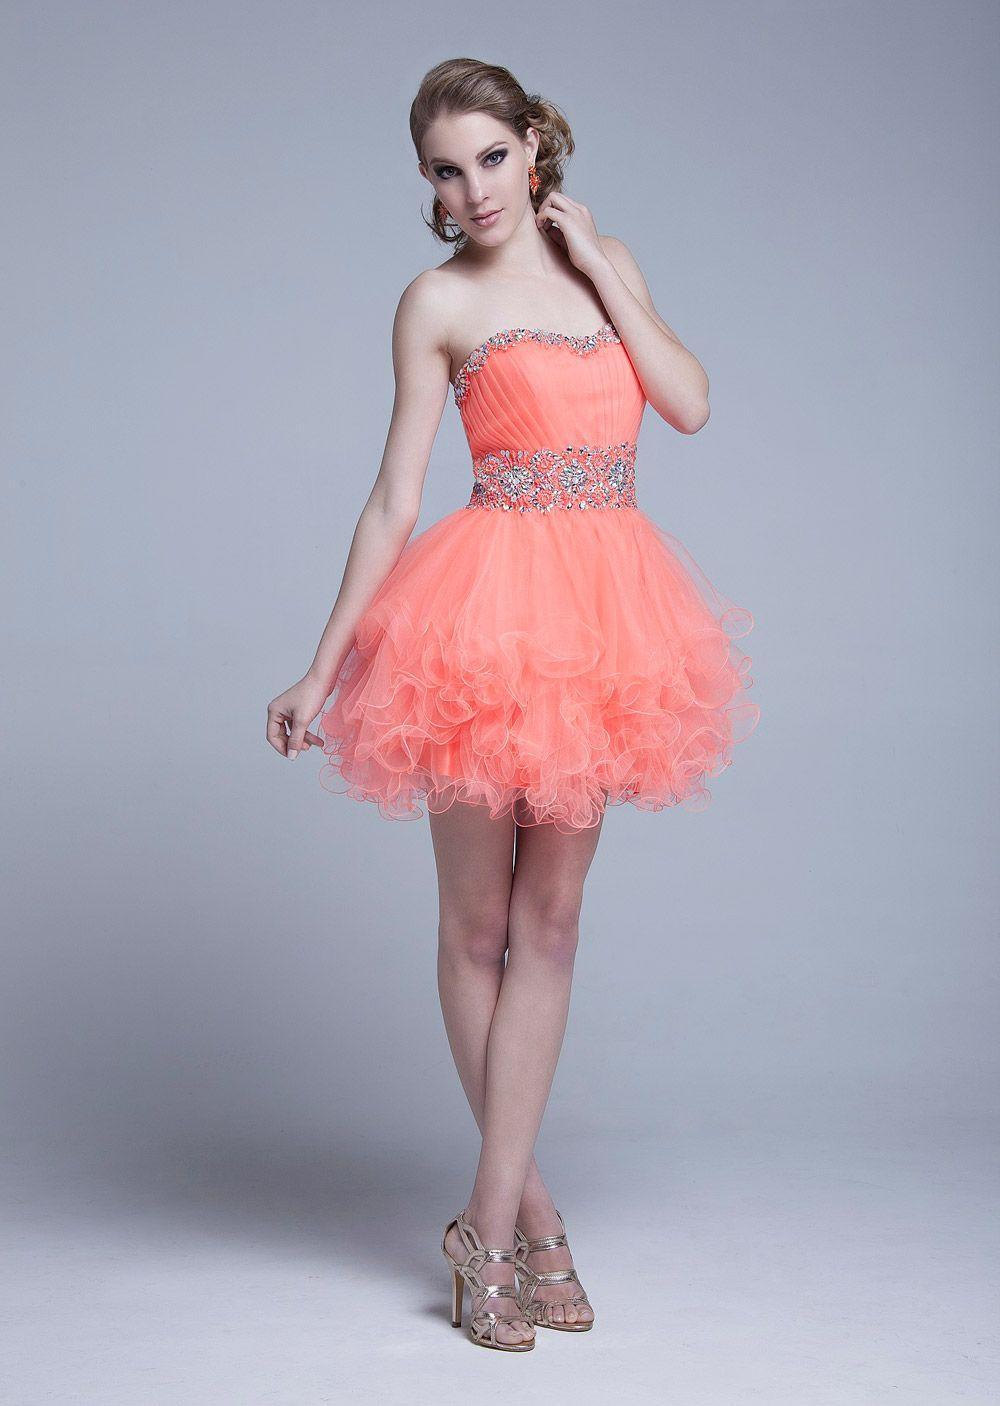 vestidos de 15 anos daminhas - Pesquisa Google | Closet | Pinterest ...